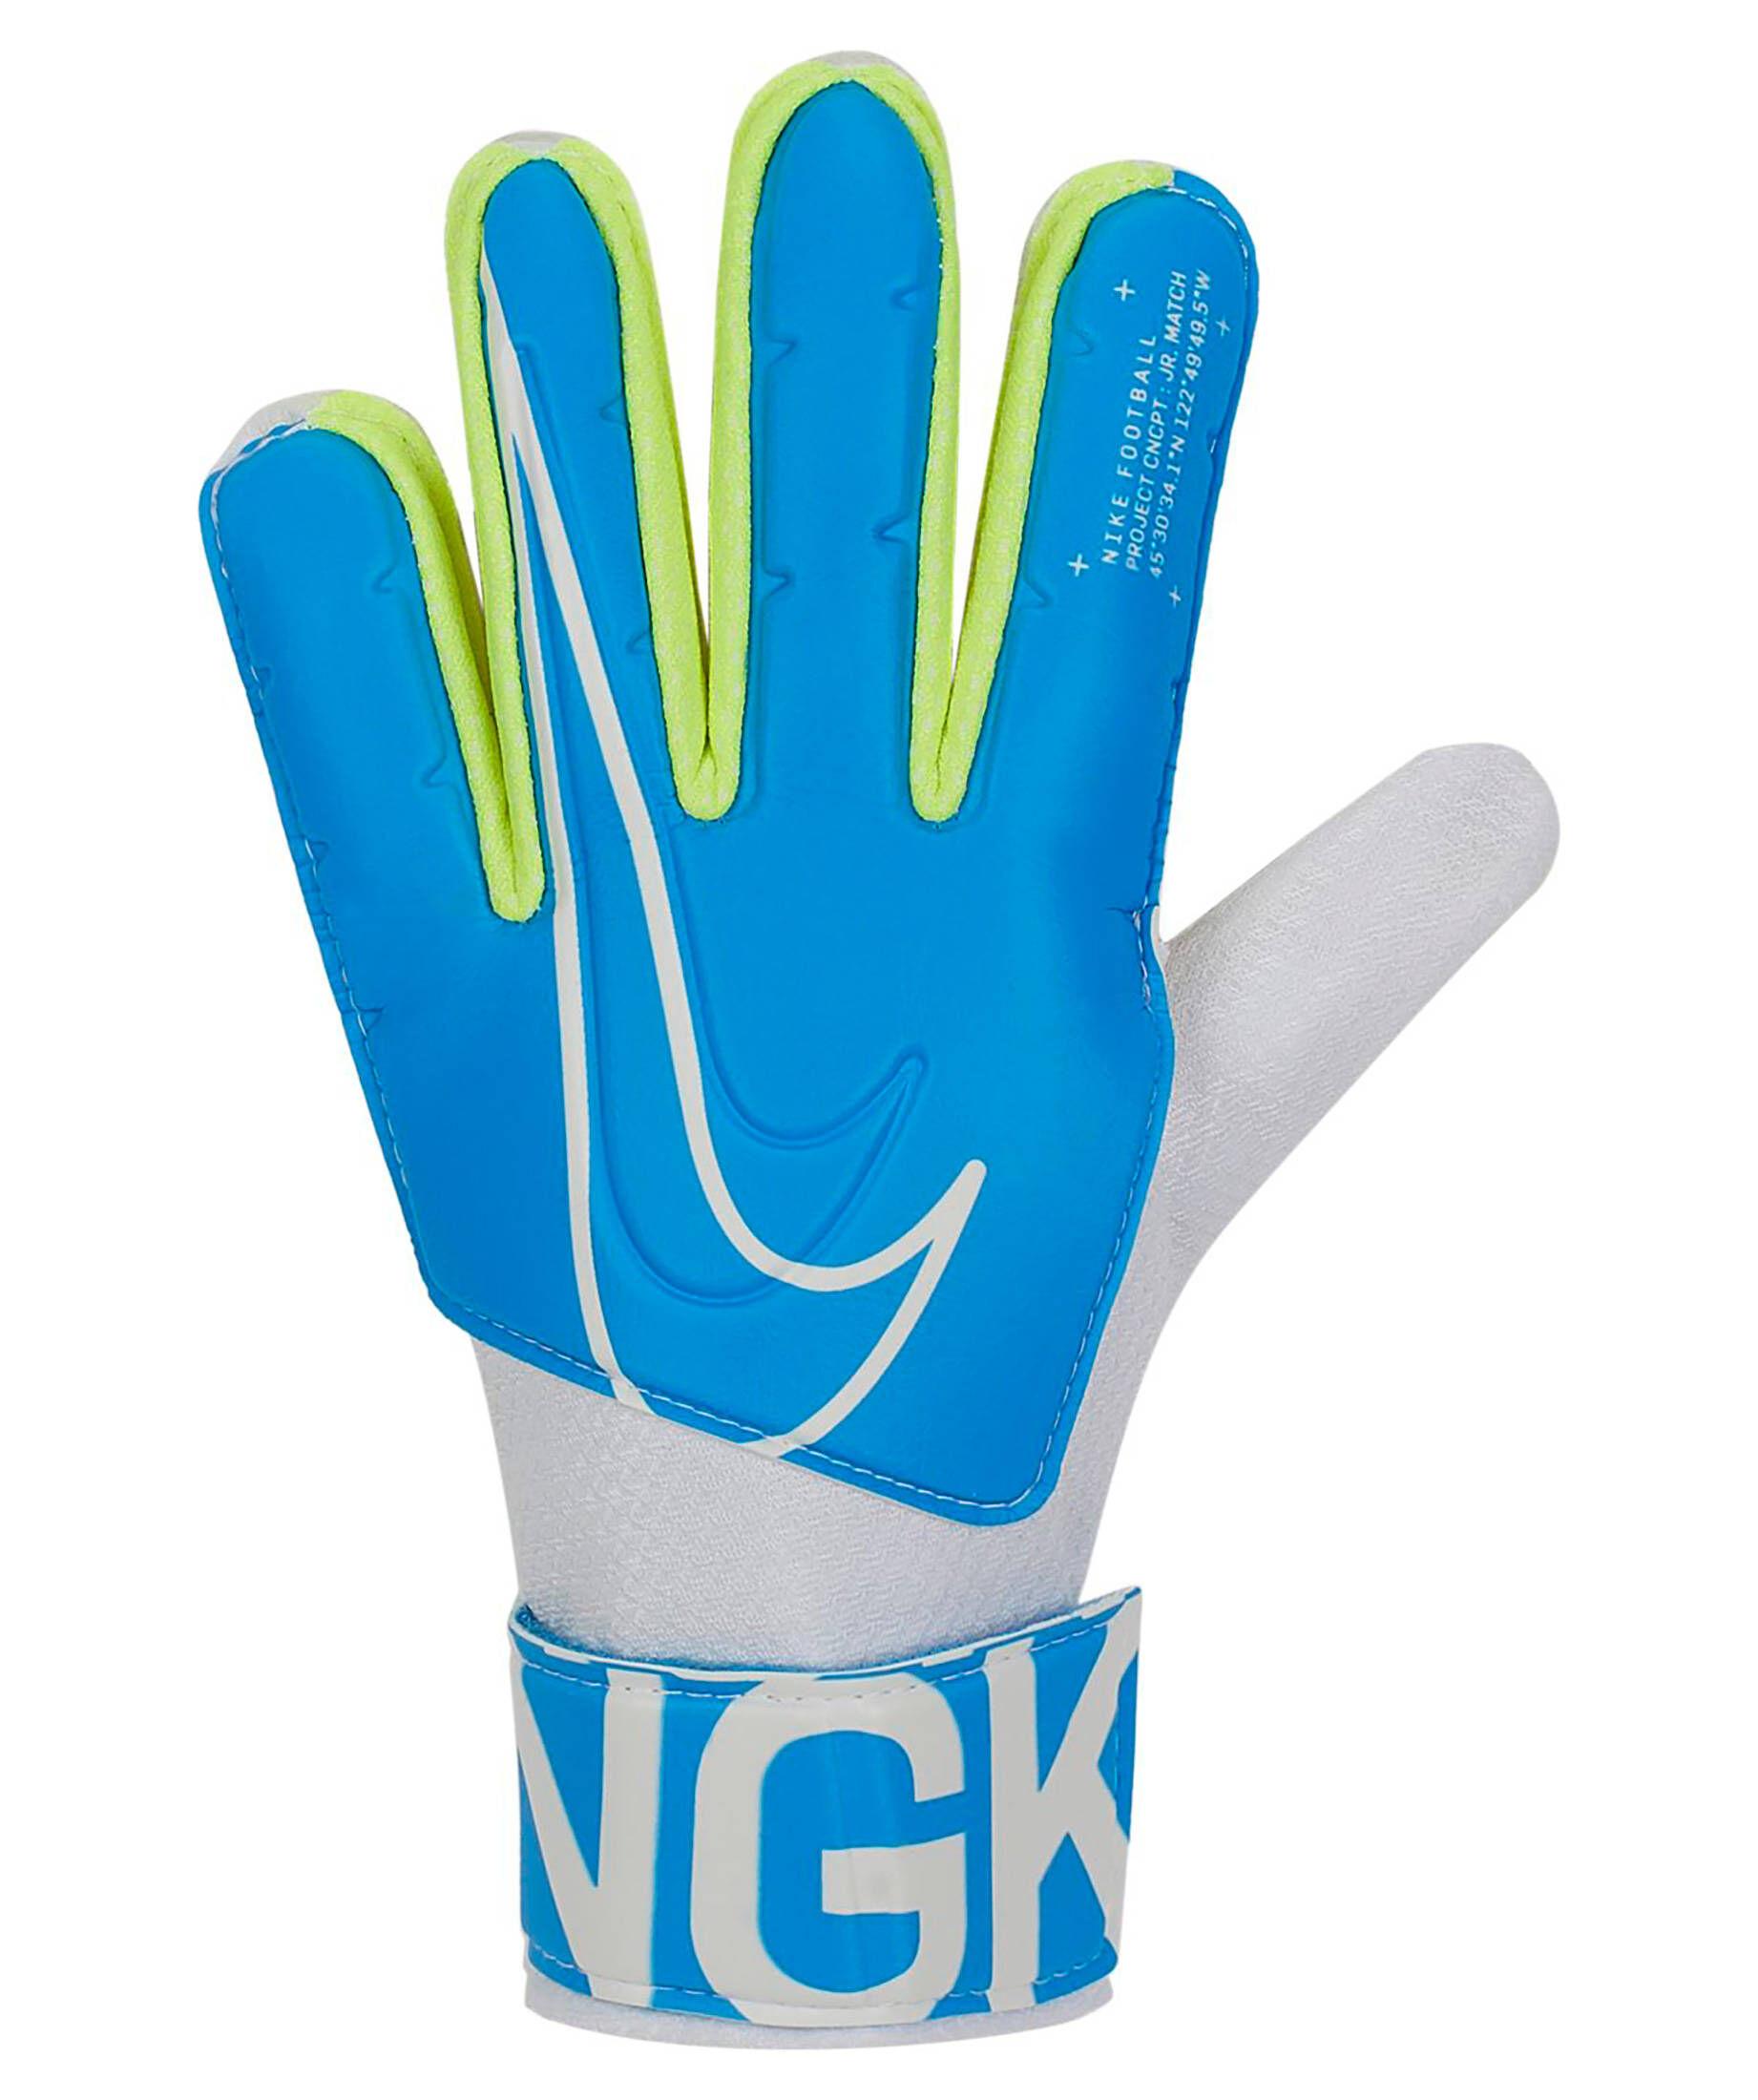 Handschuhe engelhorn sports